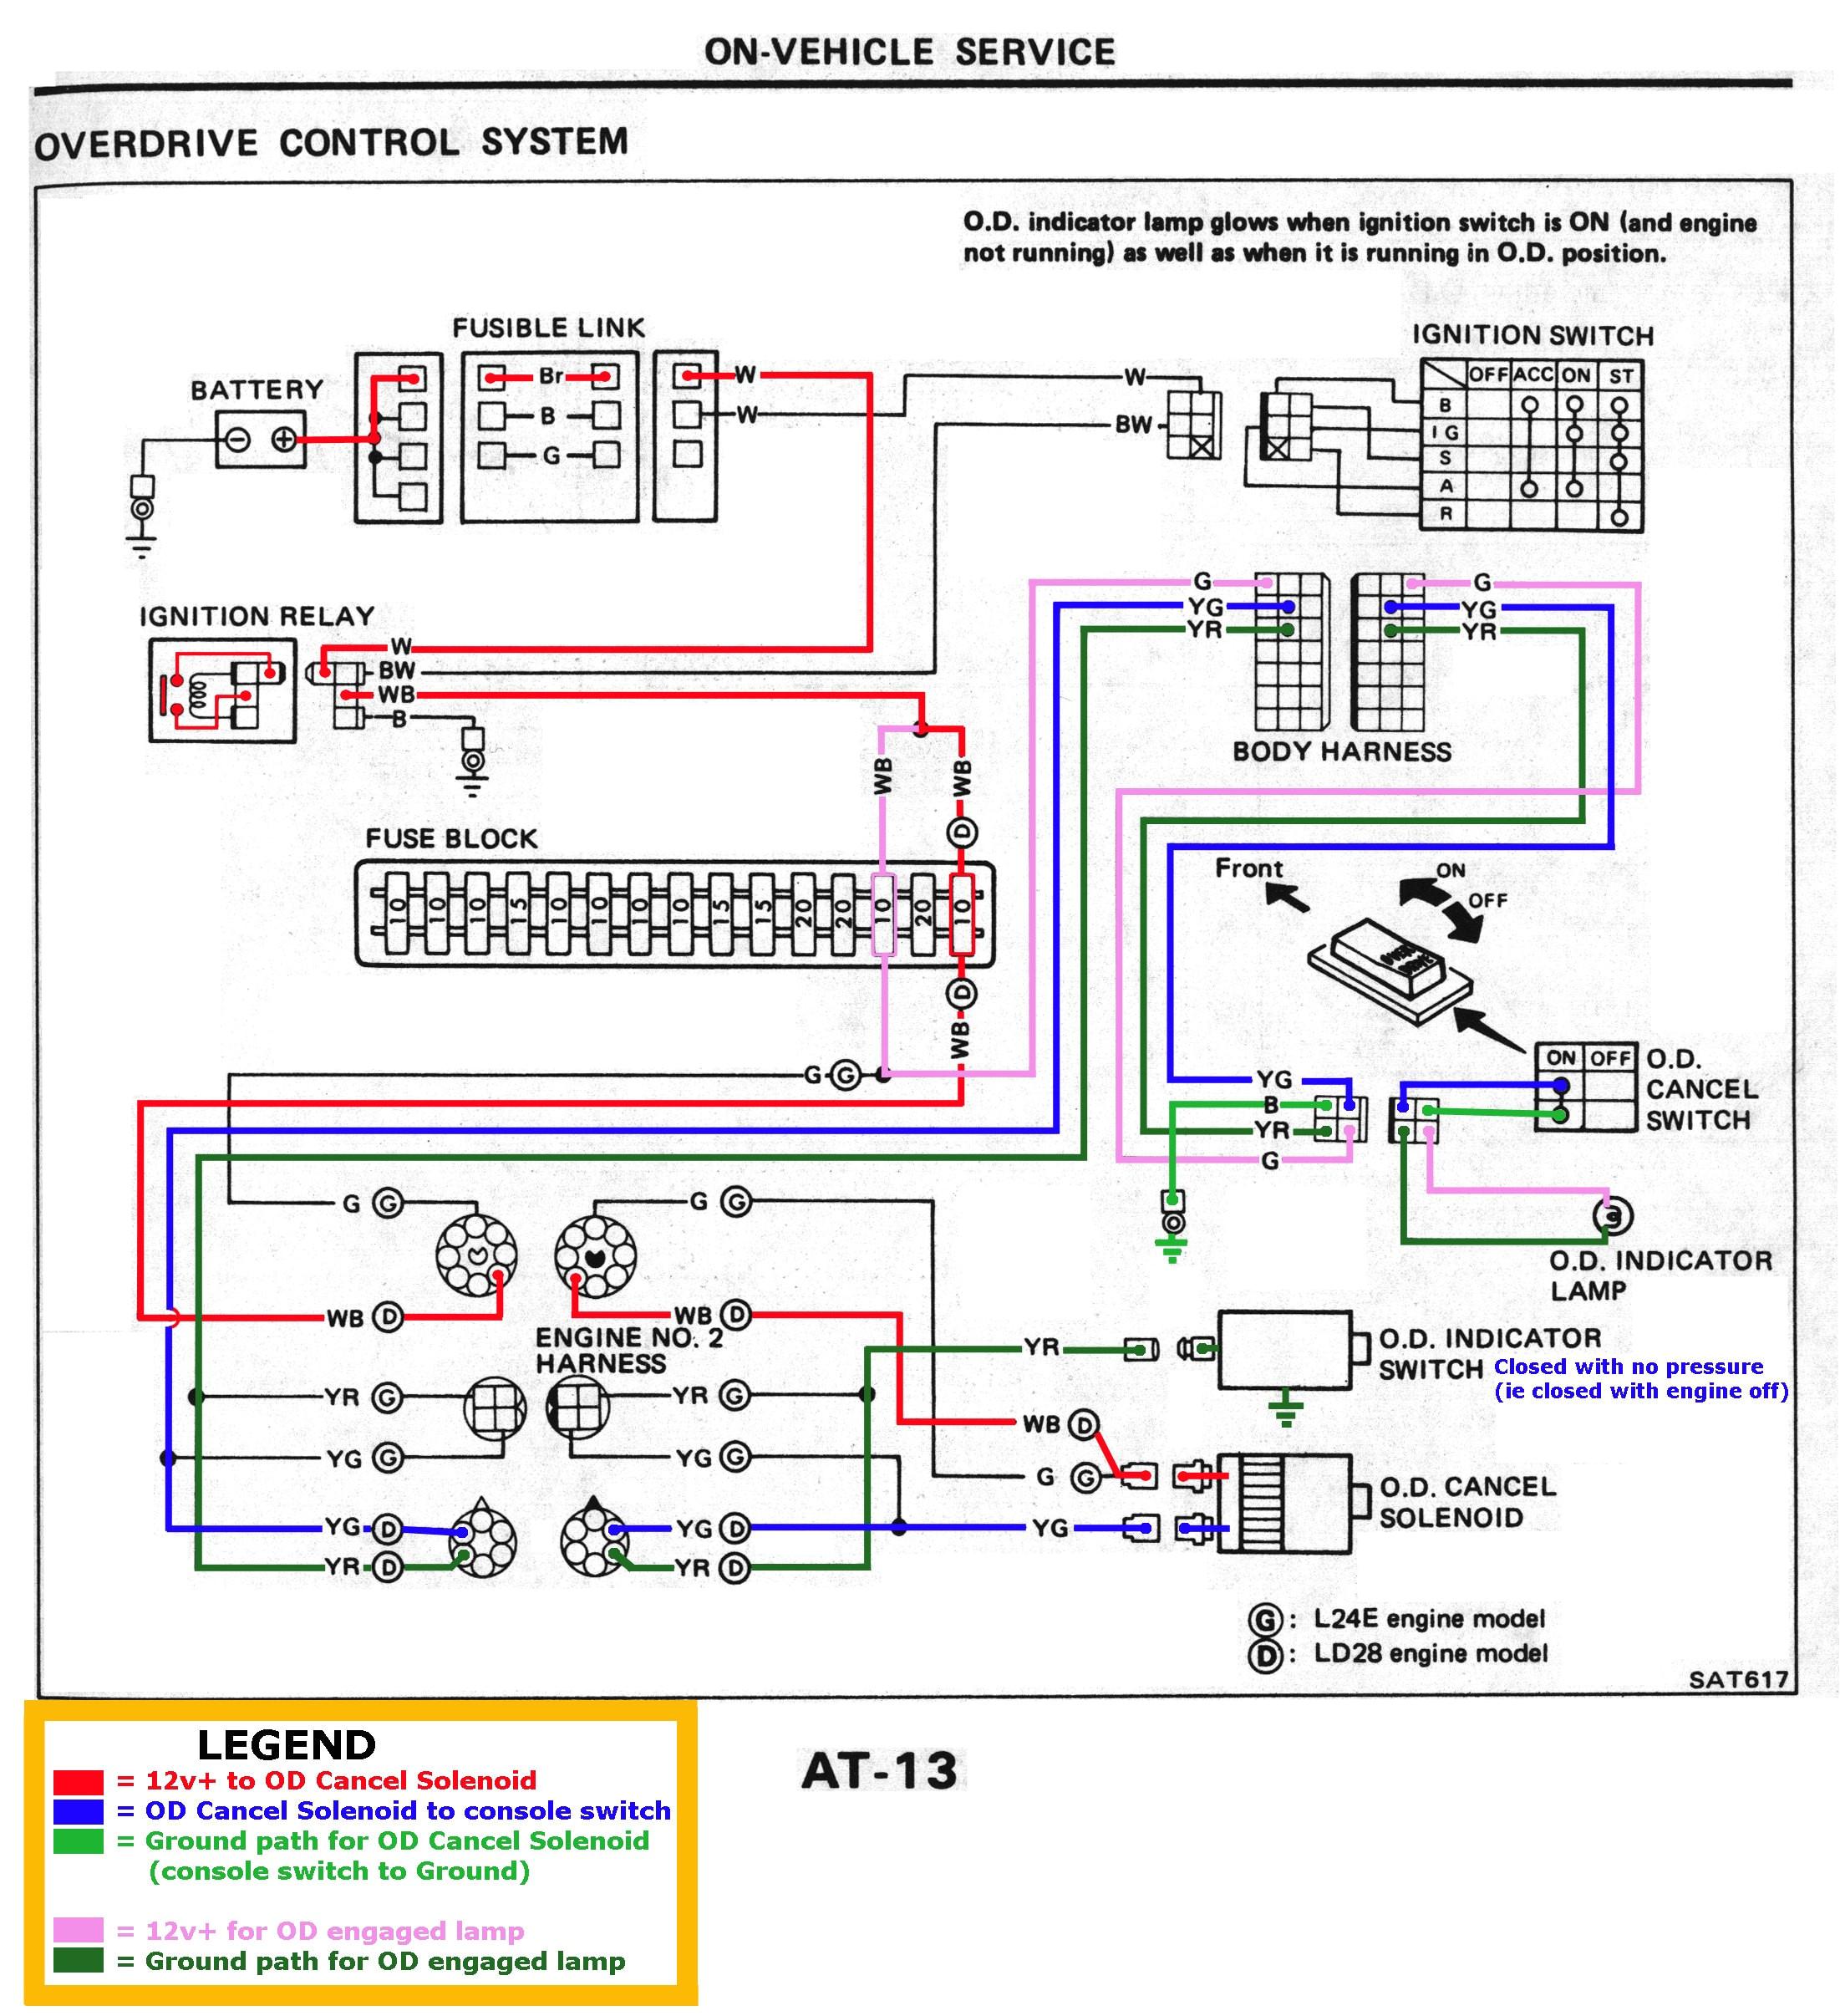 nissan parts diagram beautiful 90 hp wiring diagram for nissan 6 24nmo lp e280a2 jpg